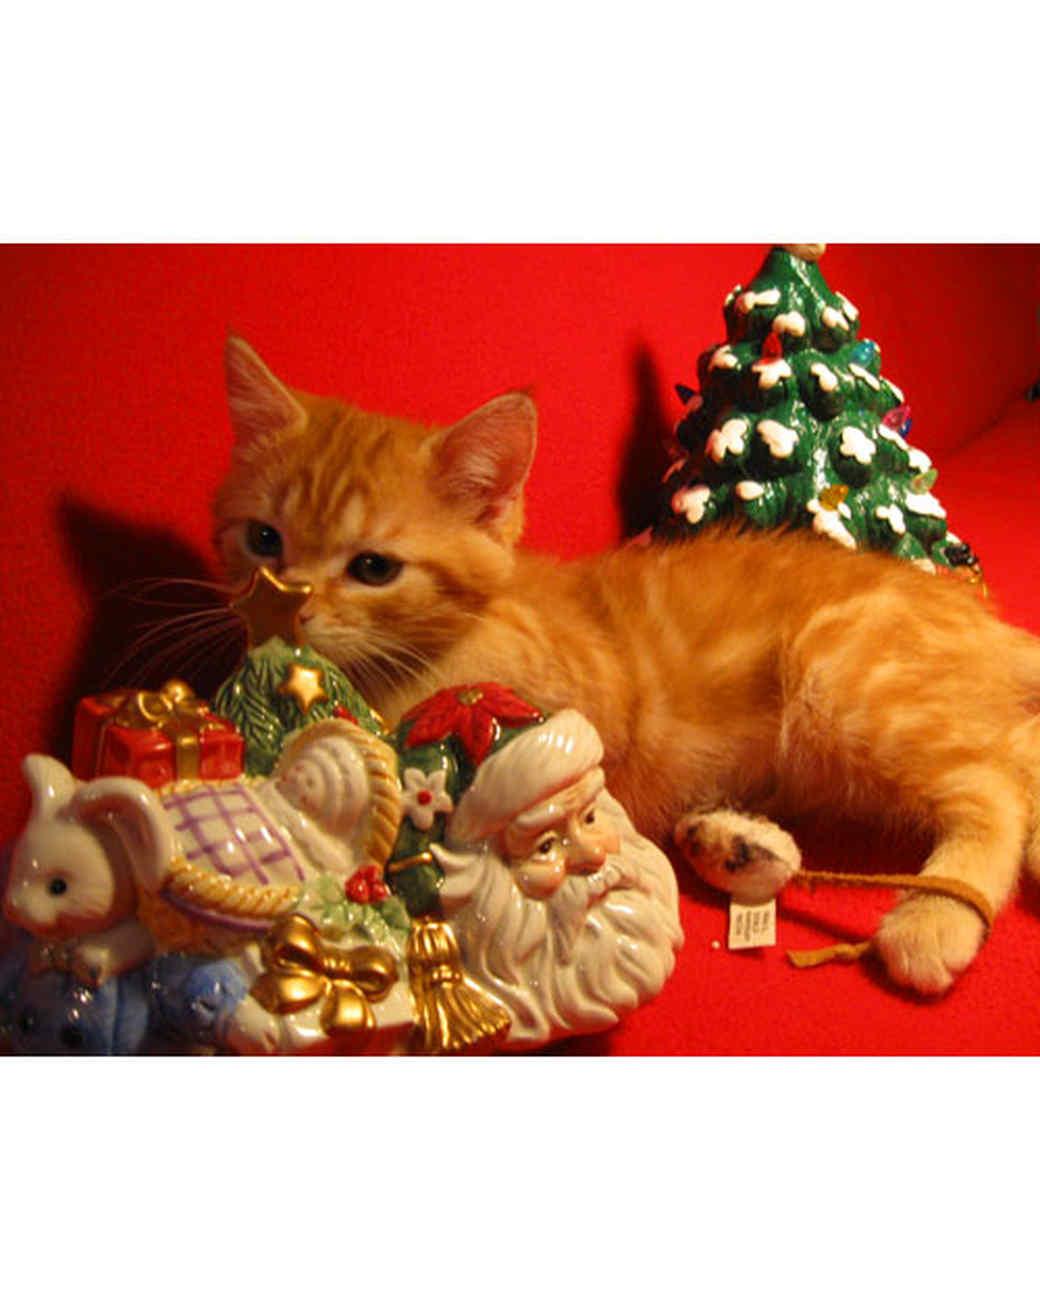 pets_ugc_santa_11566414_27673141.jpg